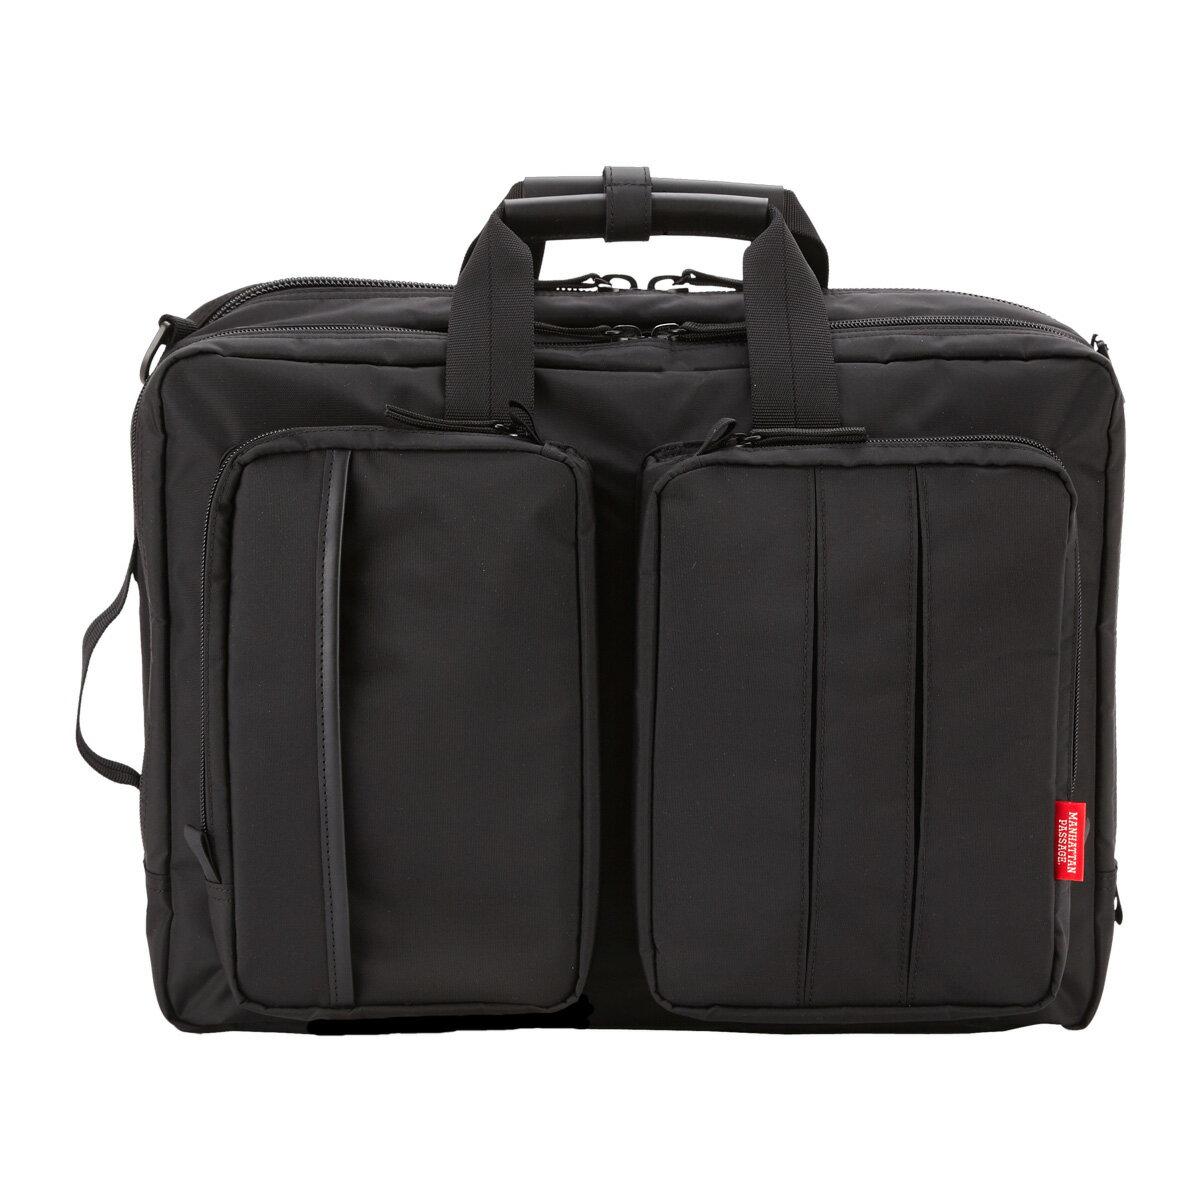 產品詳細資料,日本Yahoo代標 日本代購 日本批發-ibuy99 包包、服飾 包 男士包 MANHATTAN PASSAGE ZERO GRAVITY マンハッタンパッセージ バッグ ショ…